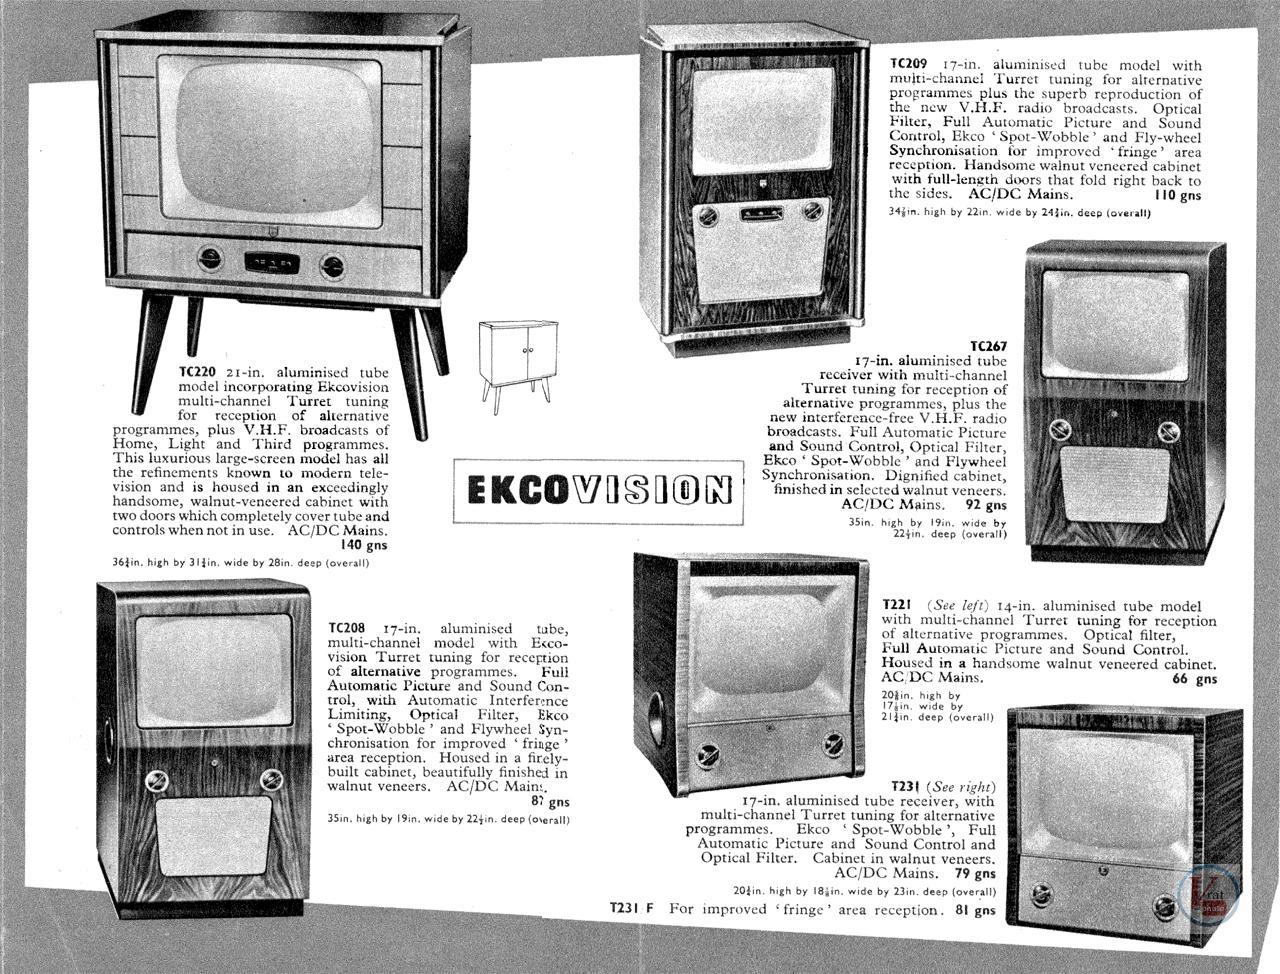 EKCO B&W TV's 53